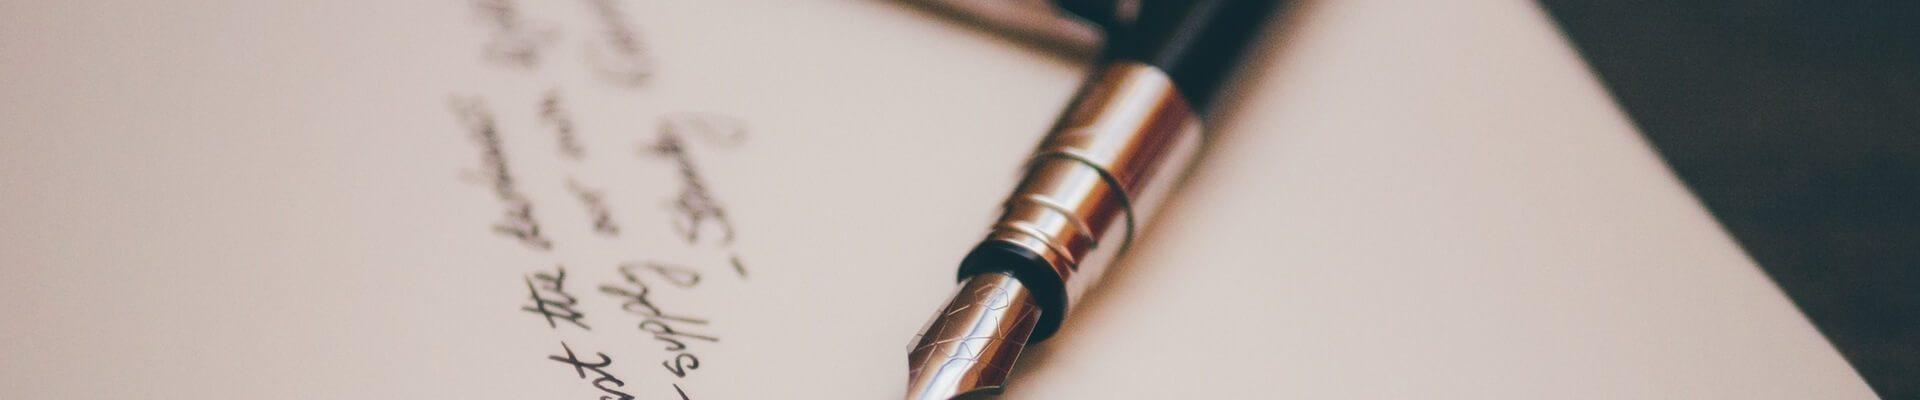 coppar-pen